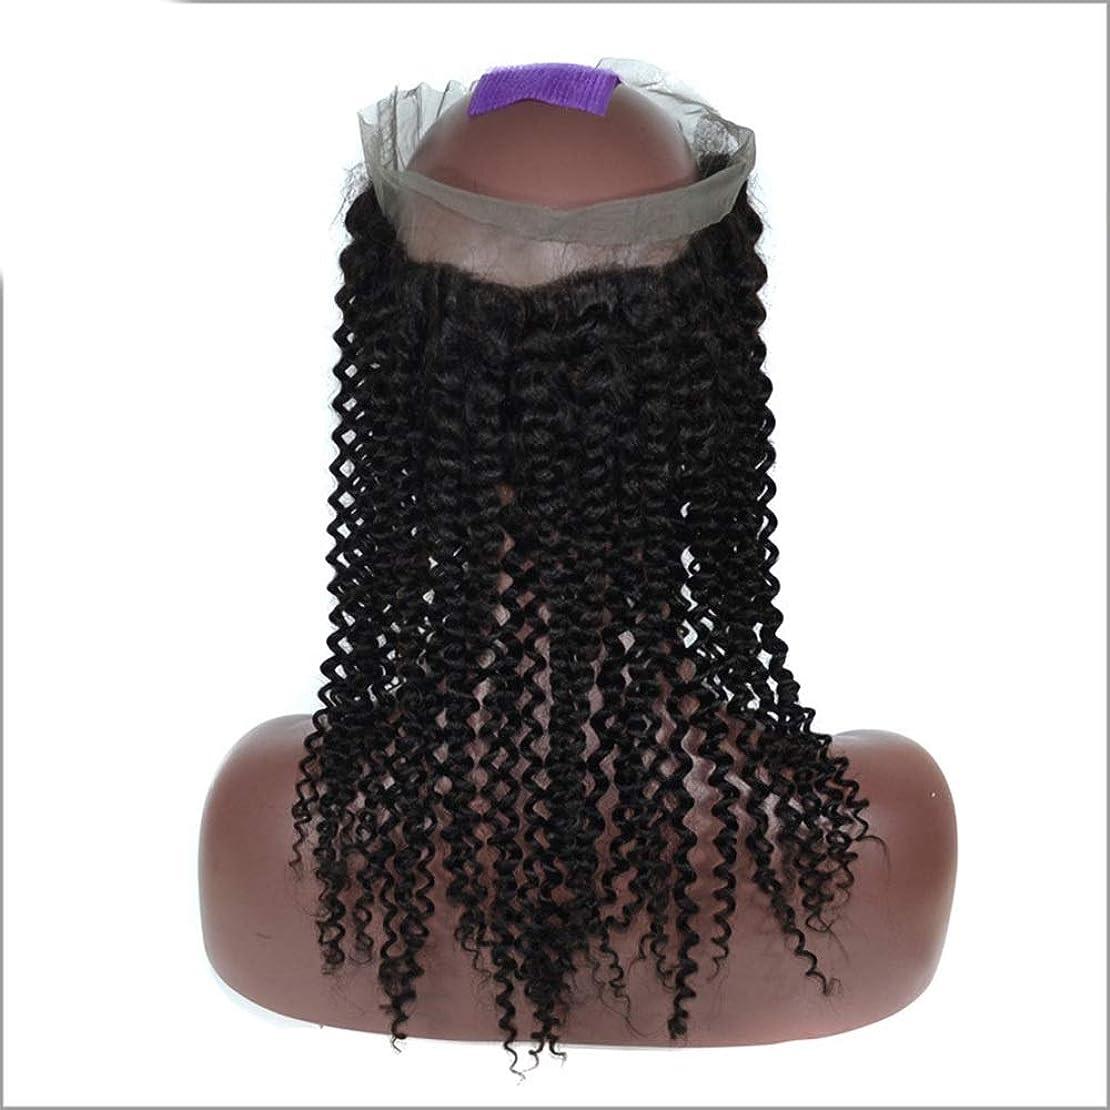 加入理論的廃棄するYESONEEP 女性3/4ウィッグハーフ - 変態カールウェーブ - ナチュラルカラー 本物の人間の髪の毛 - クリップのヘアピースエクステンションパーティーかつら (Color : ブラック, サイズ : 8 inch)